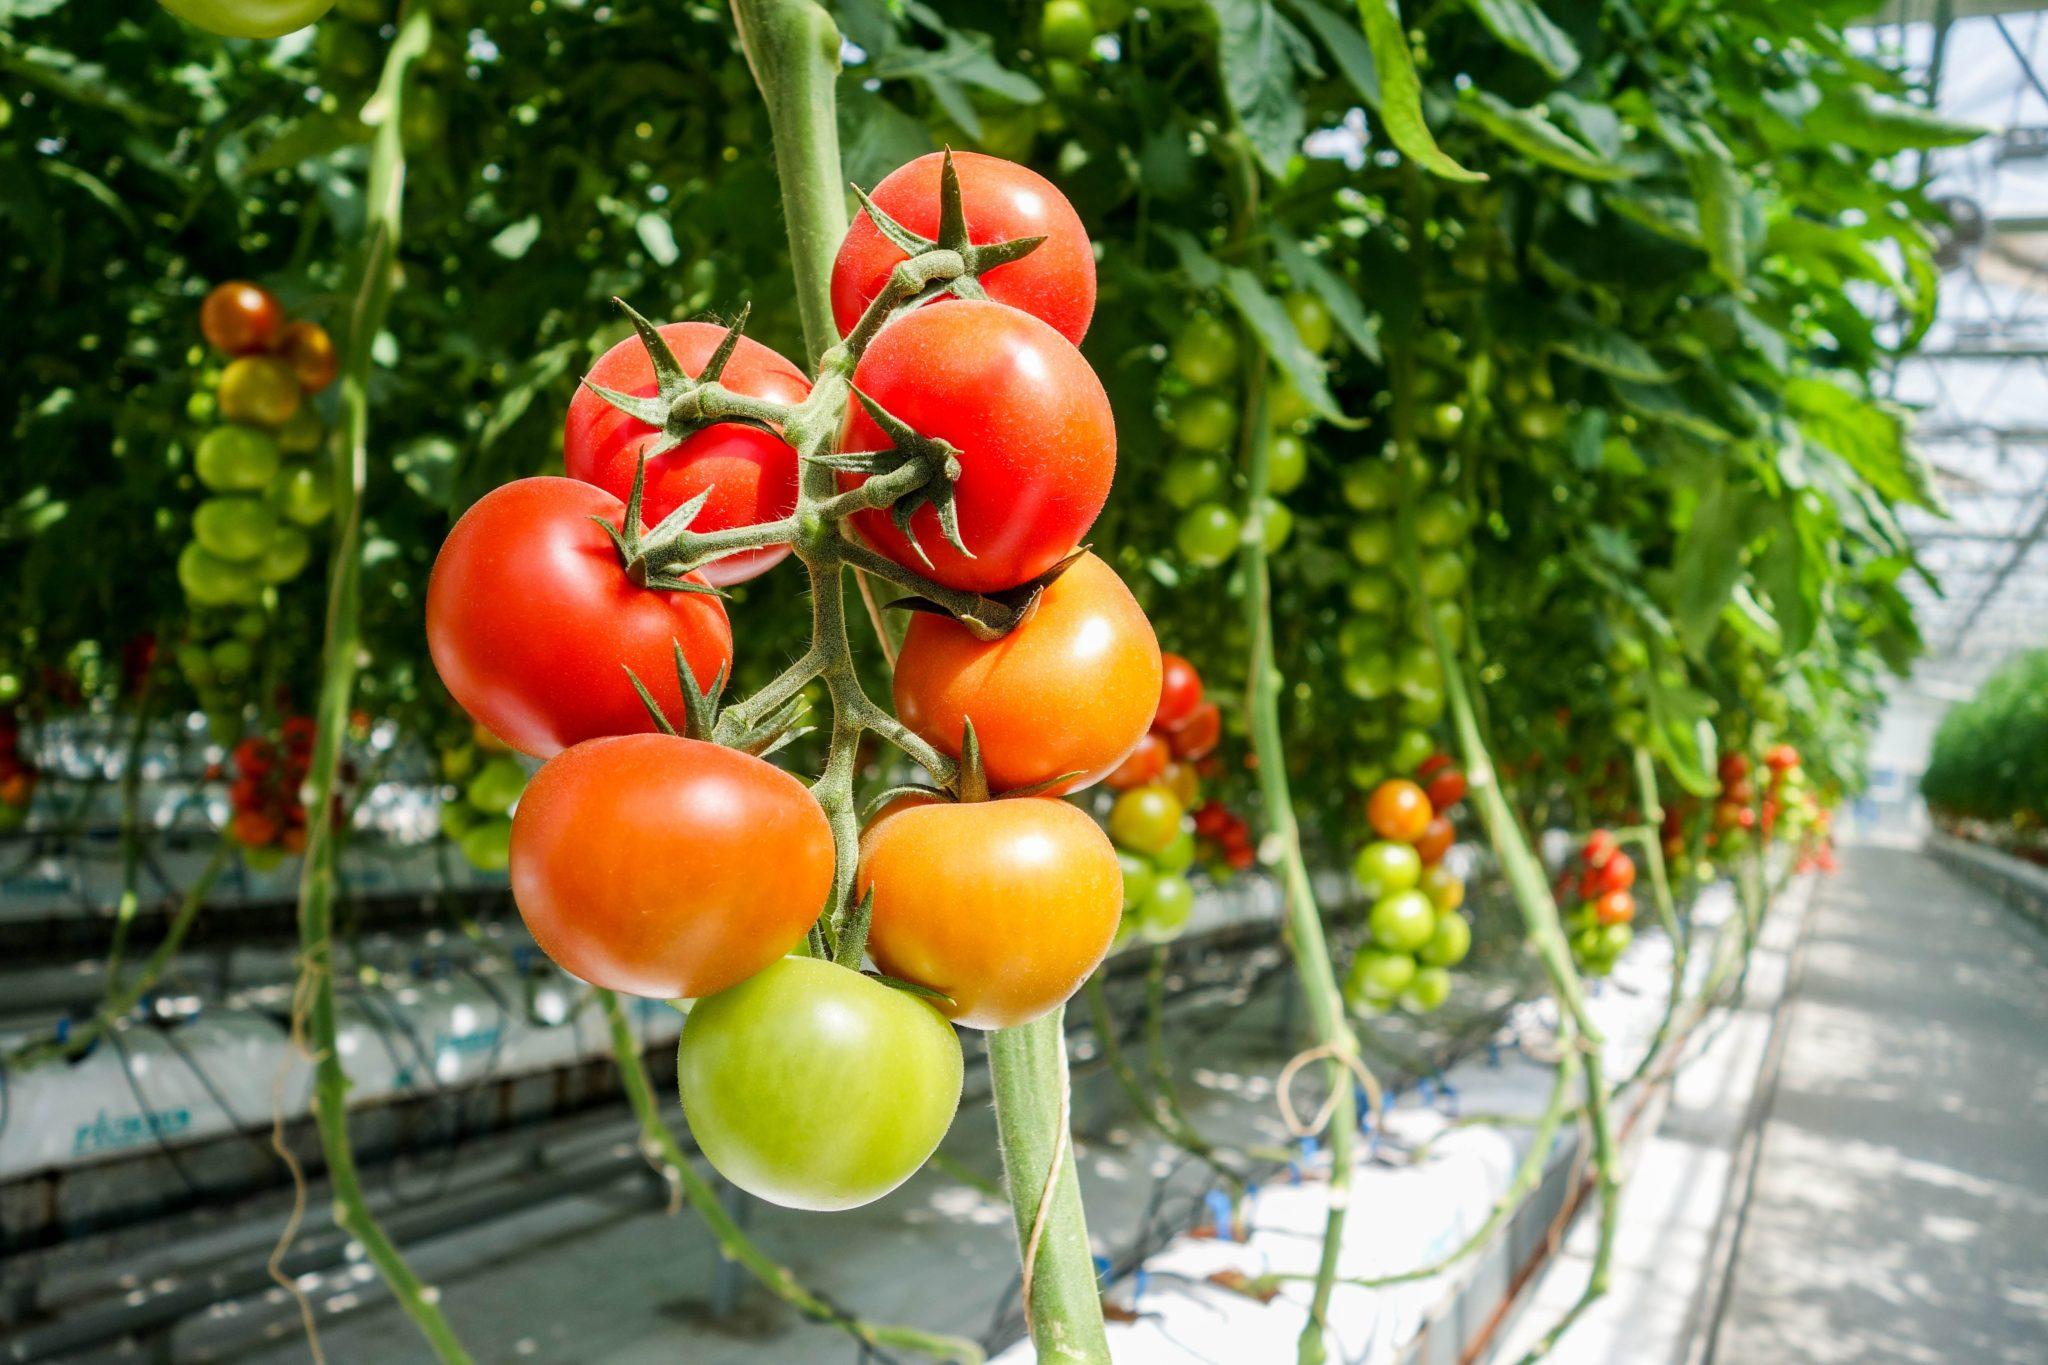 Viel Higgs Nicht Haben Tomaten Geschmack Deshalb › OXukTPZwi